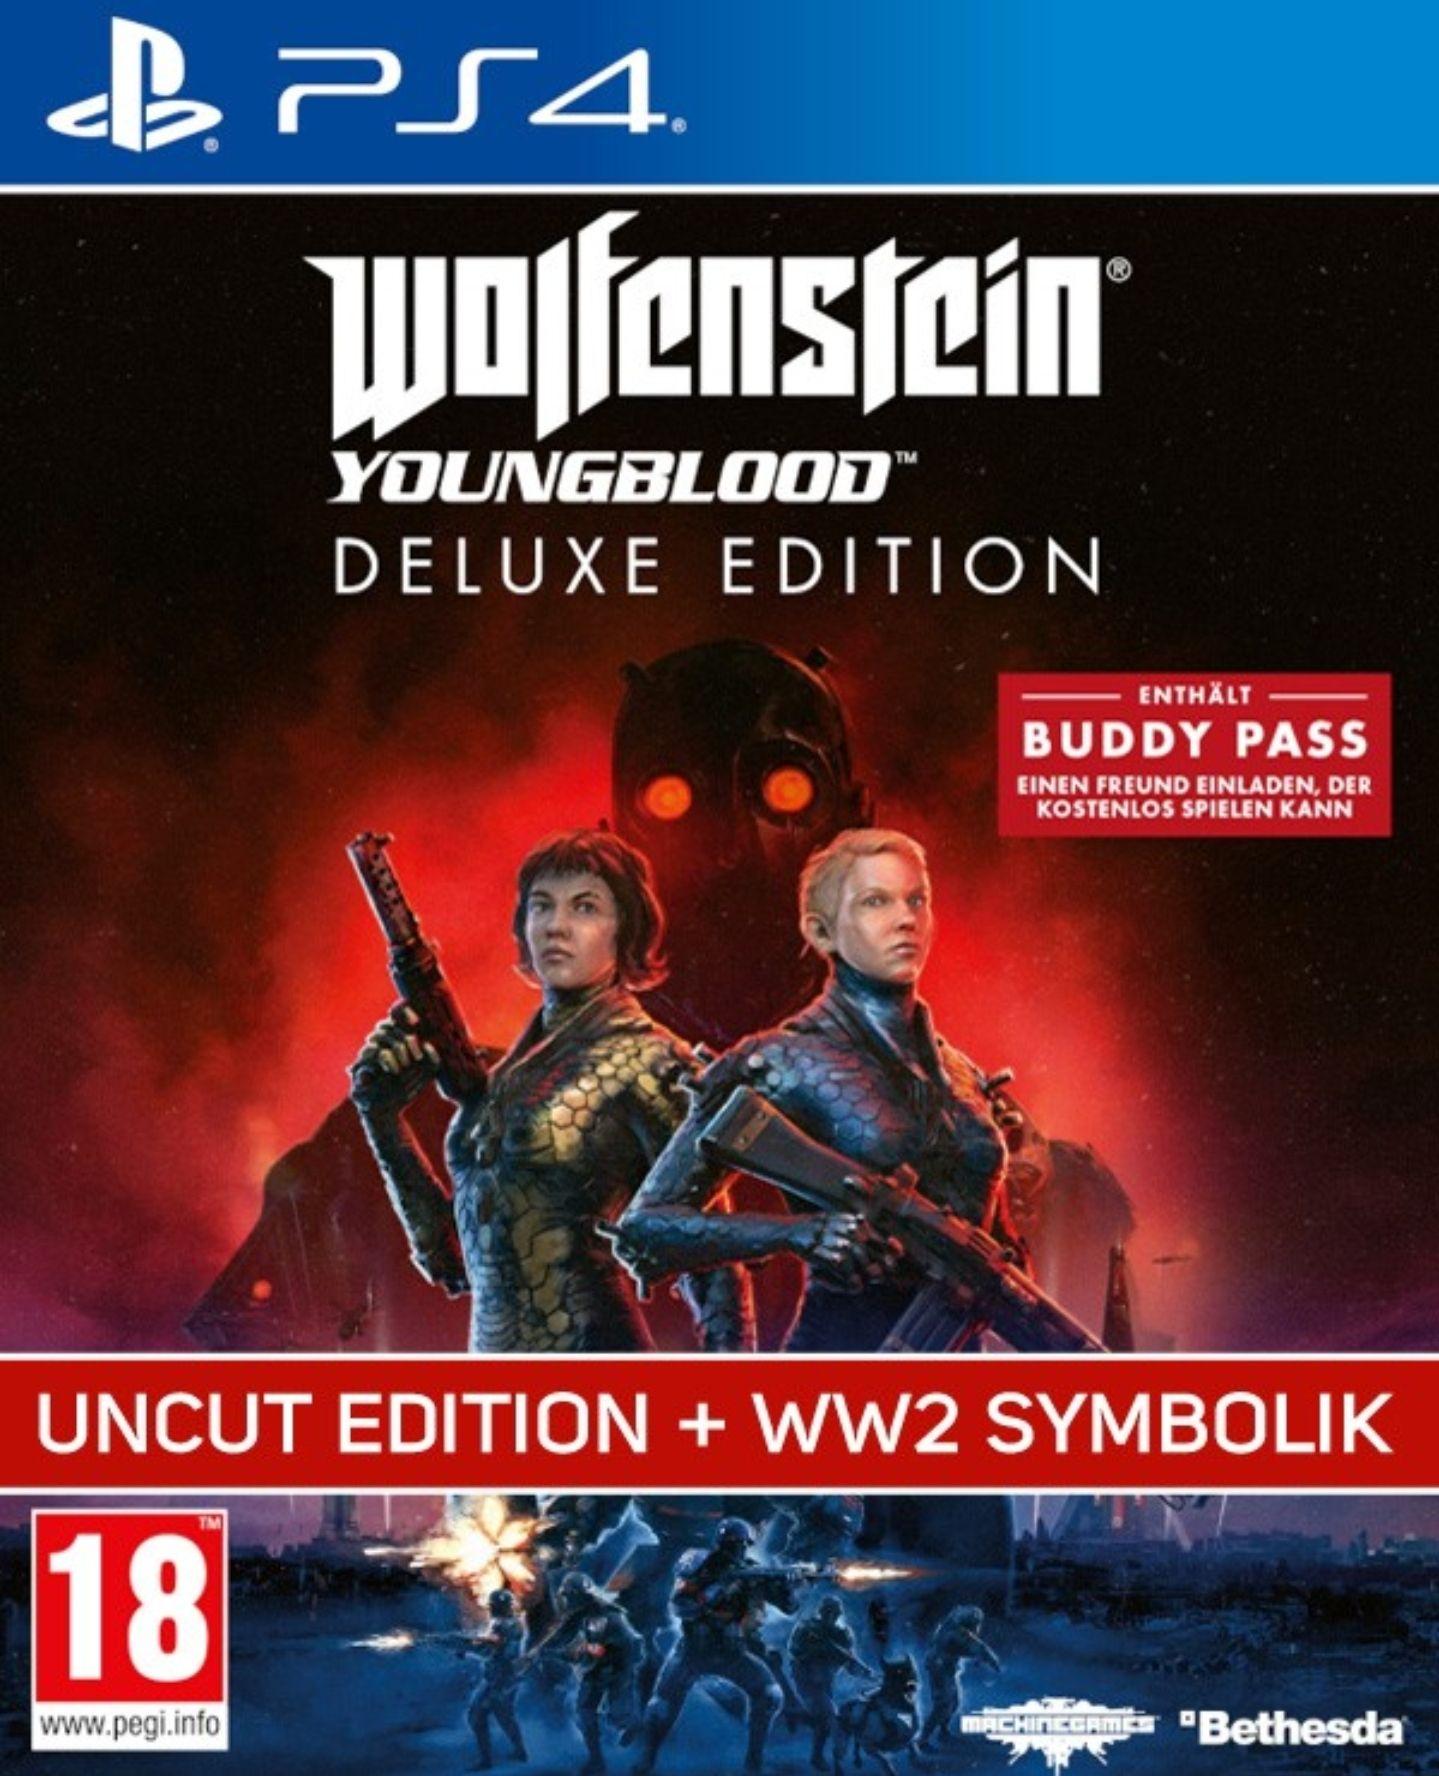 Gamelimit.de : Wolfenstein Youngblood (PS4) unzensiert für 32,90 inkl.Versand (Neukunden)